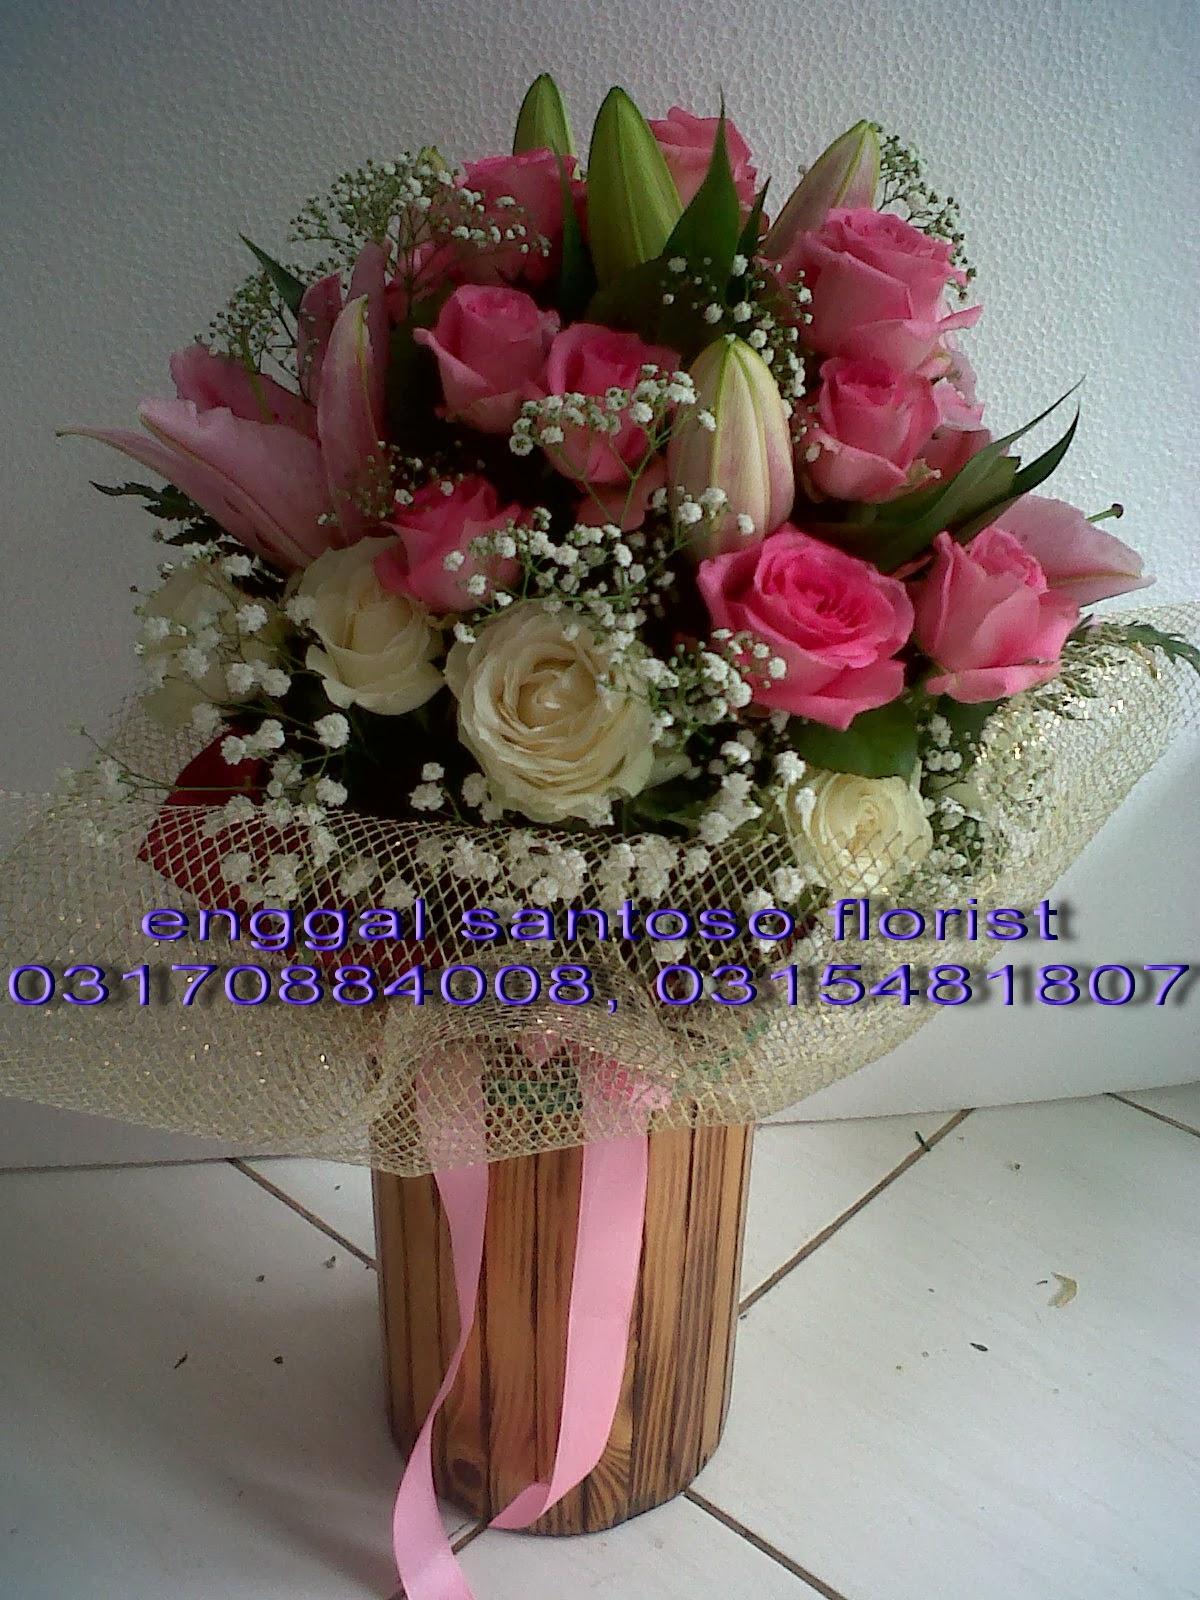 bunga tangan dan hand bouquet toko bunga surabaya enggal santoso florist